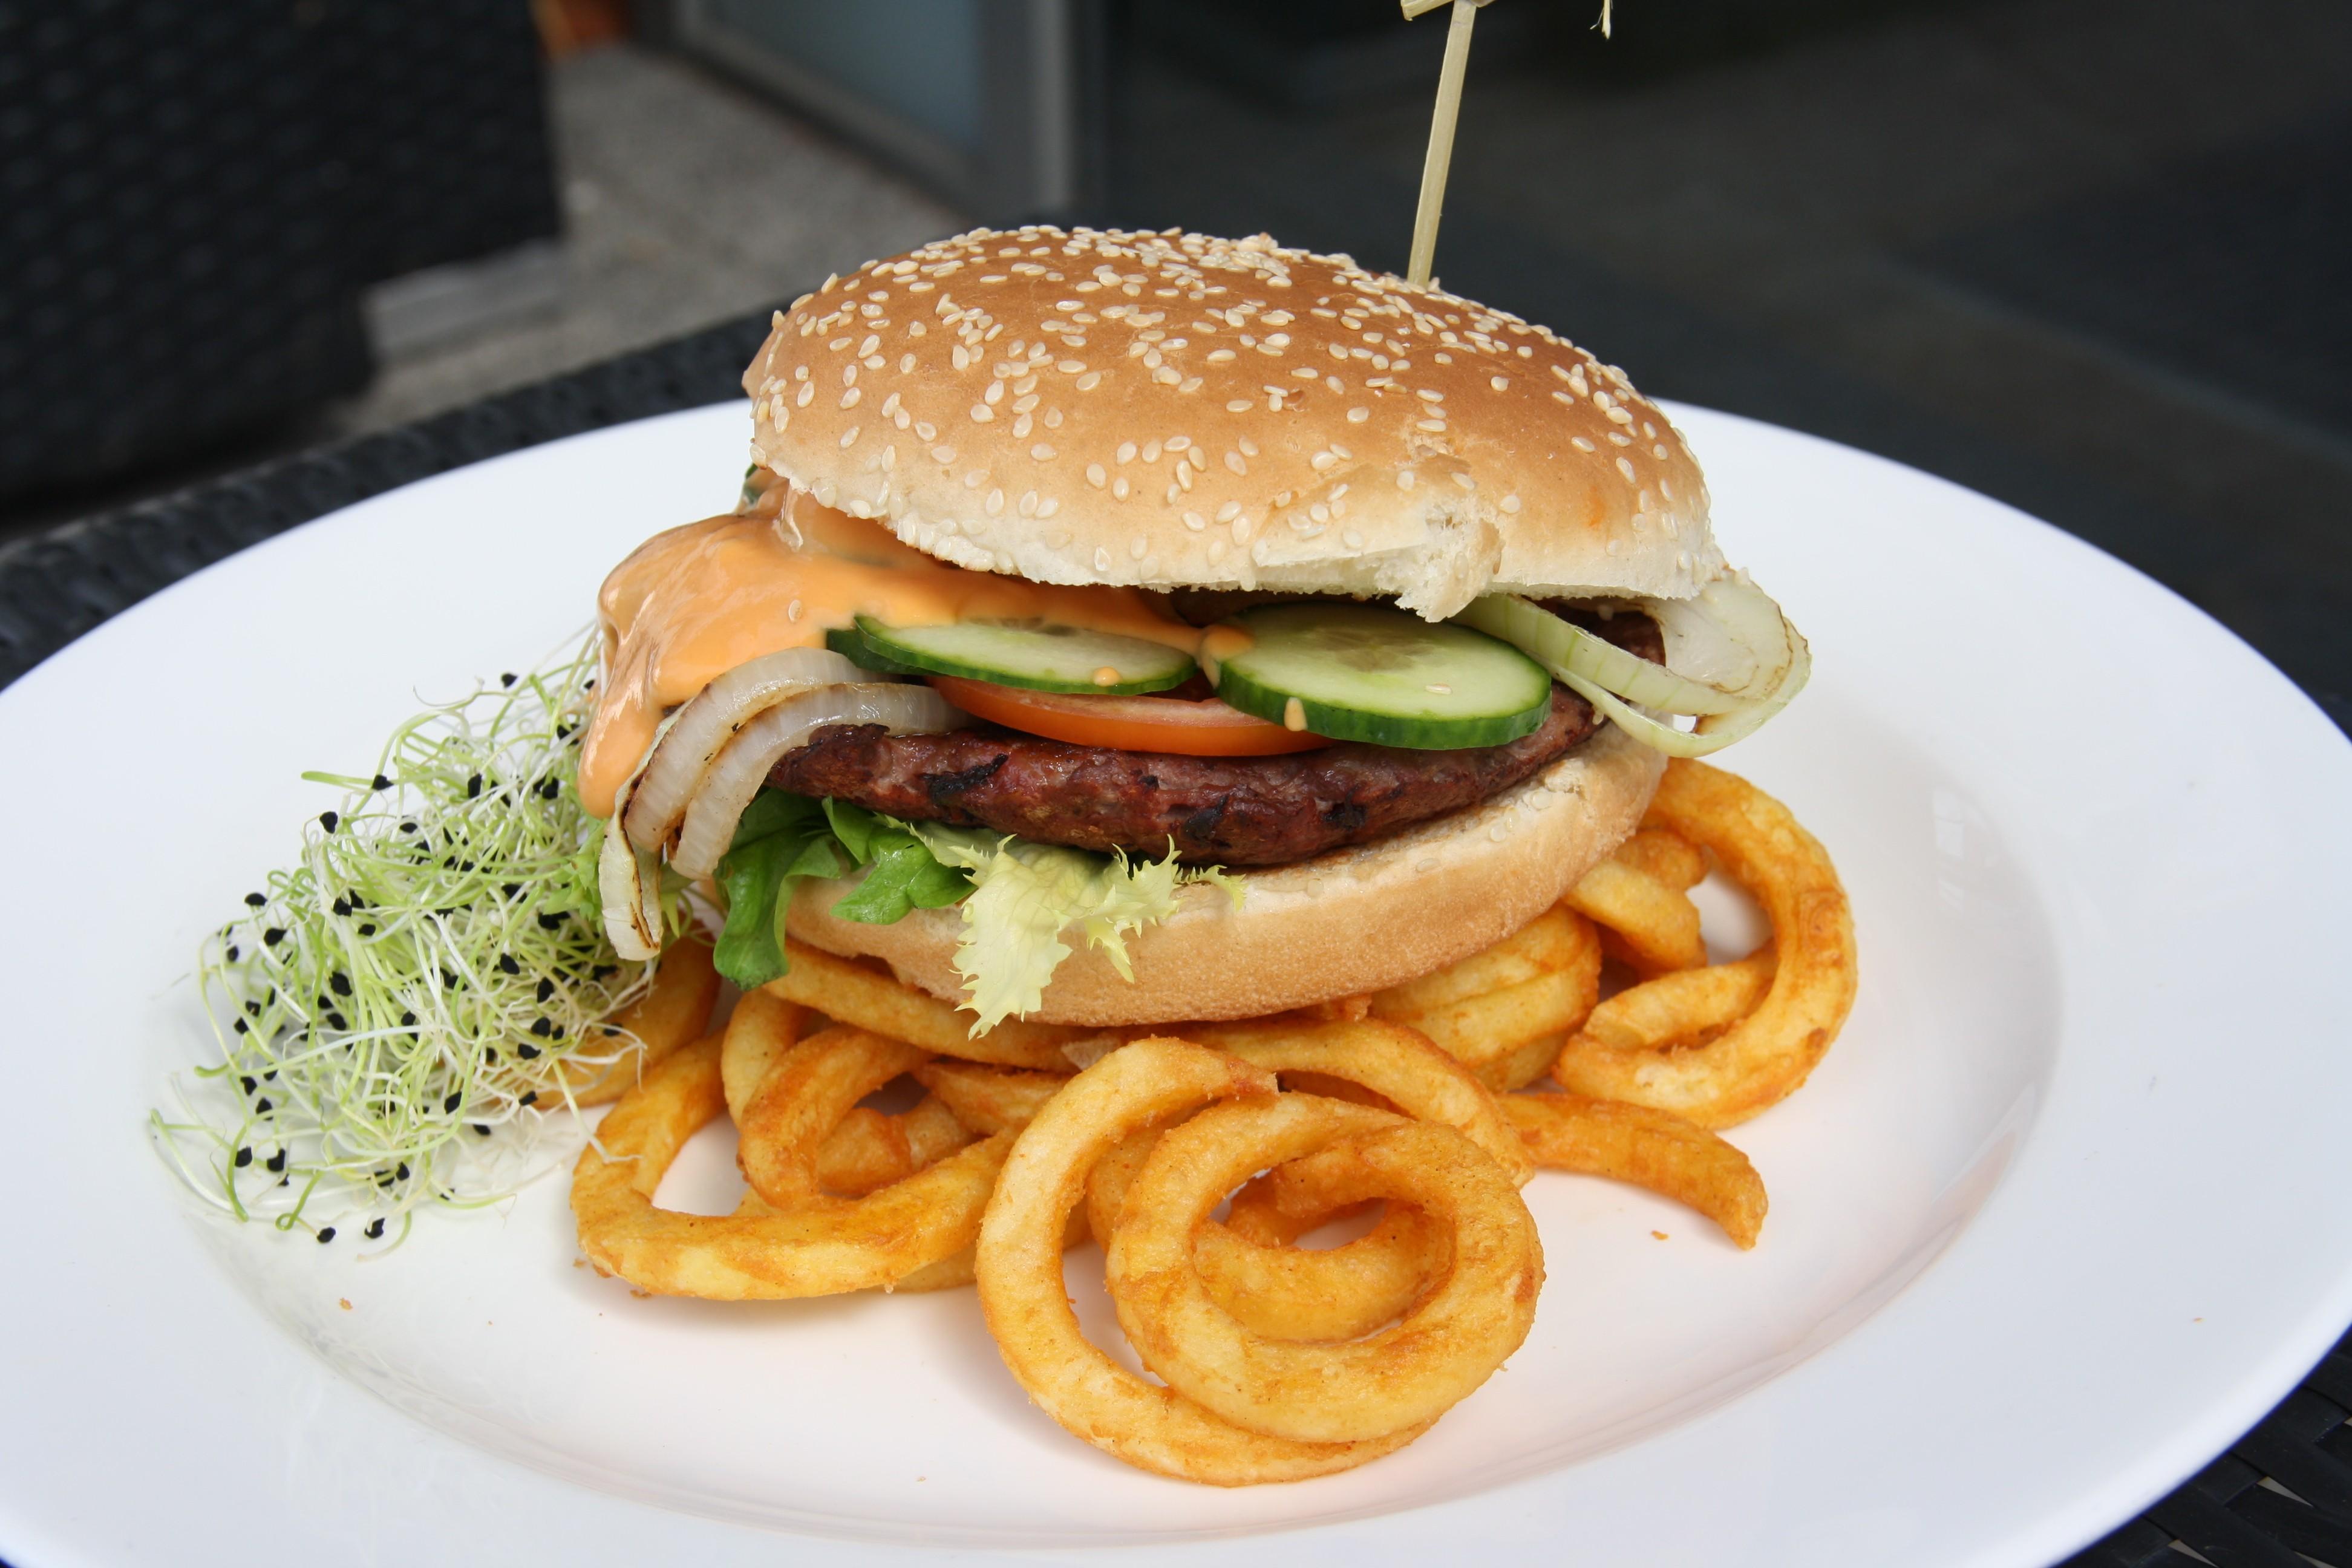 Szombati ajánlat: Pireus burger